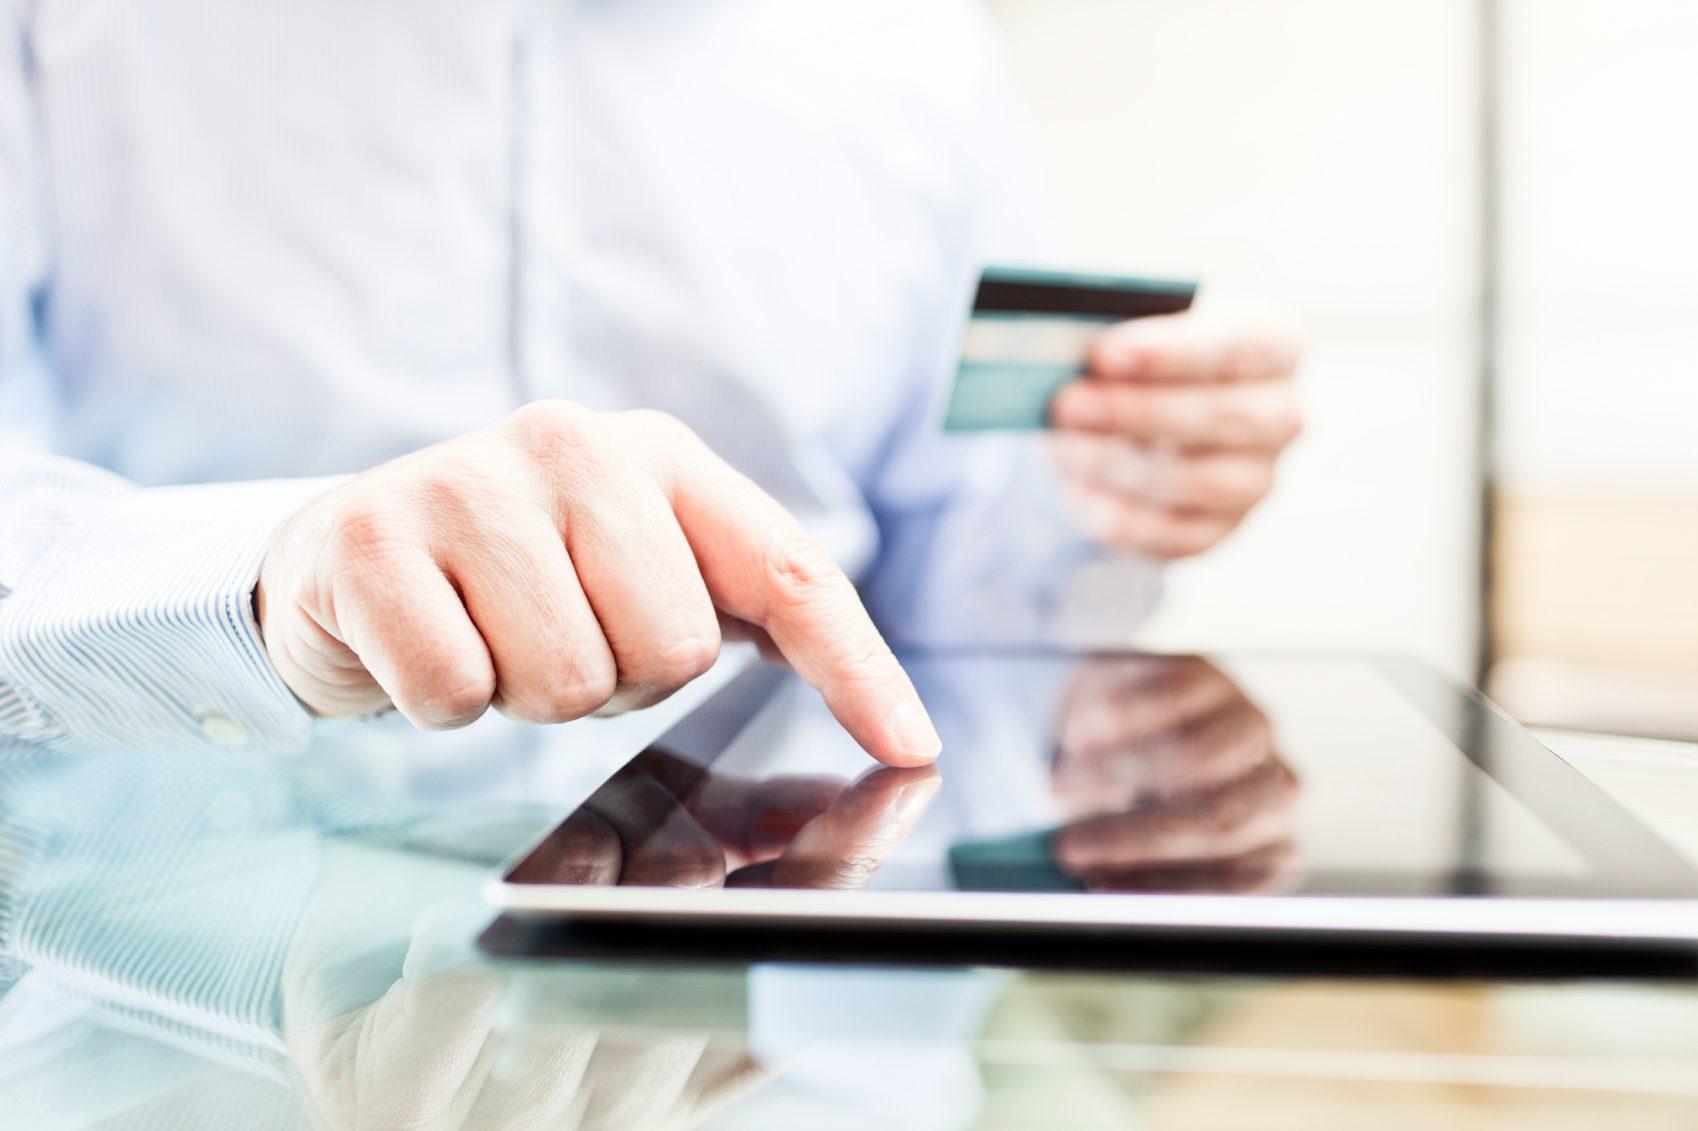 Acquisti online: quale l'impatto ambientale?